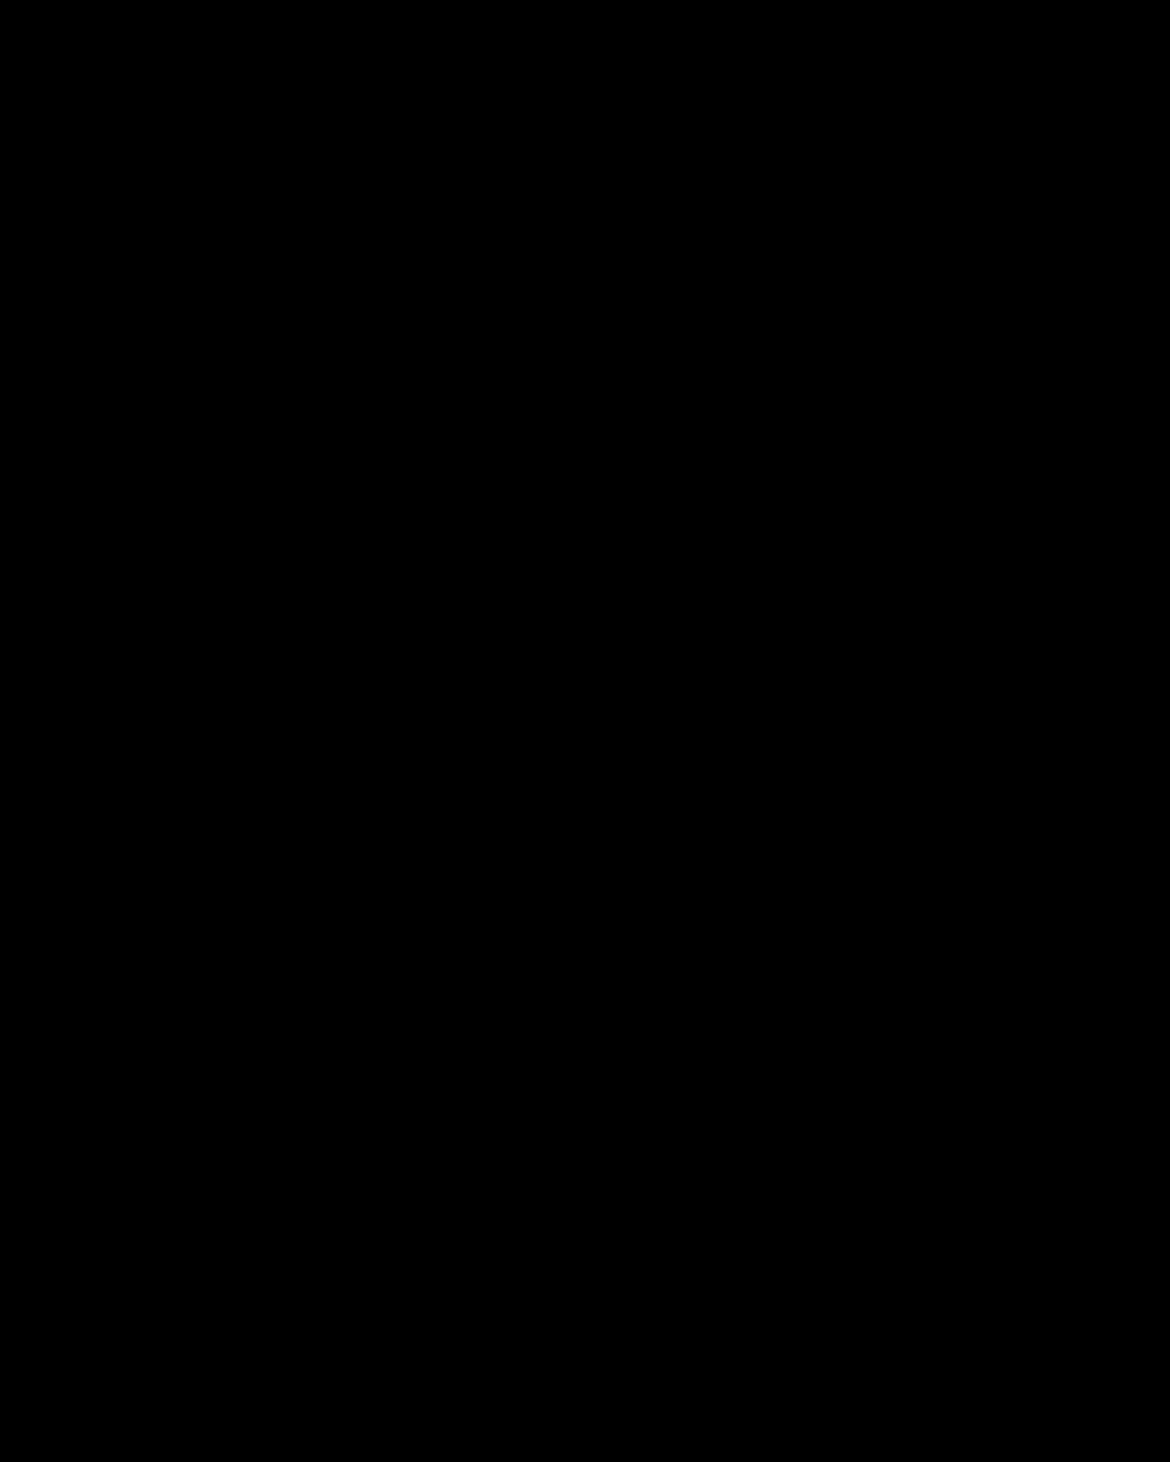 3 giorni a Taormina: cosa vedere, dove dormire e mangiare by Laura Comolli - Belmond Villa Sant'Andrea colazione in camera